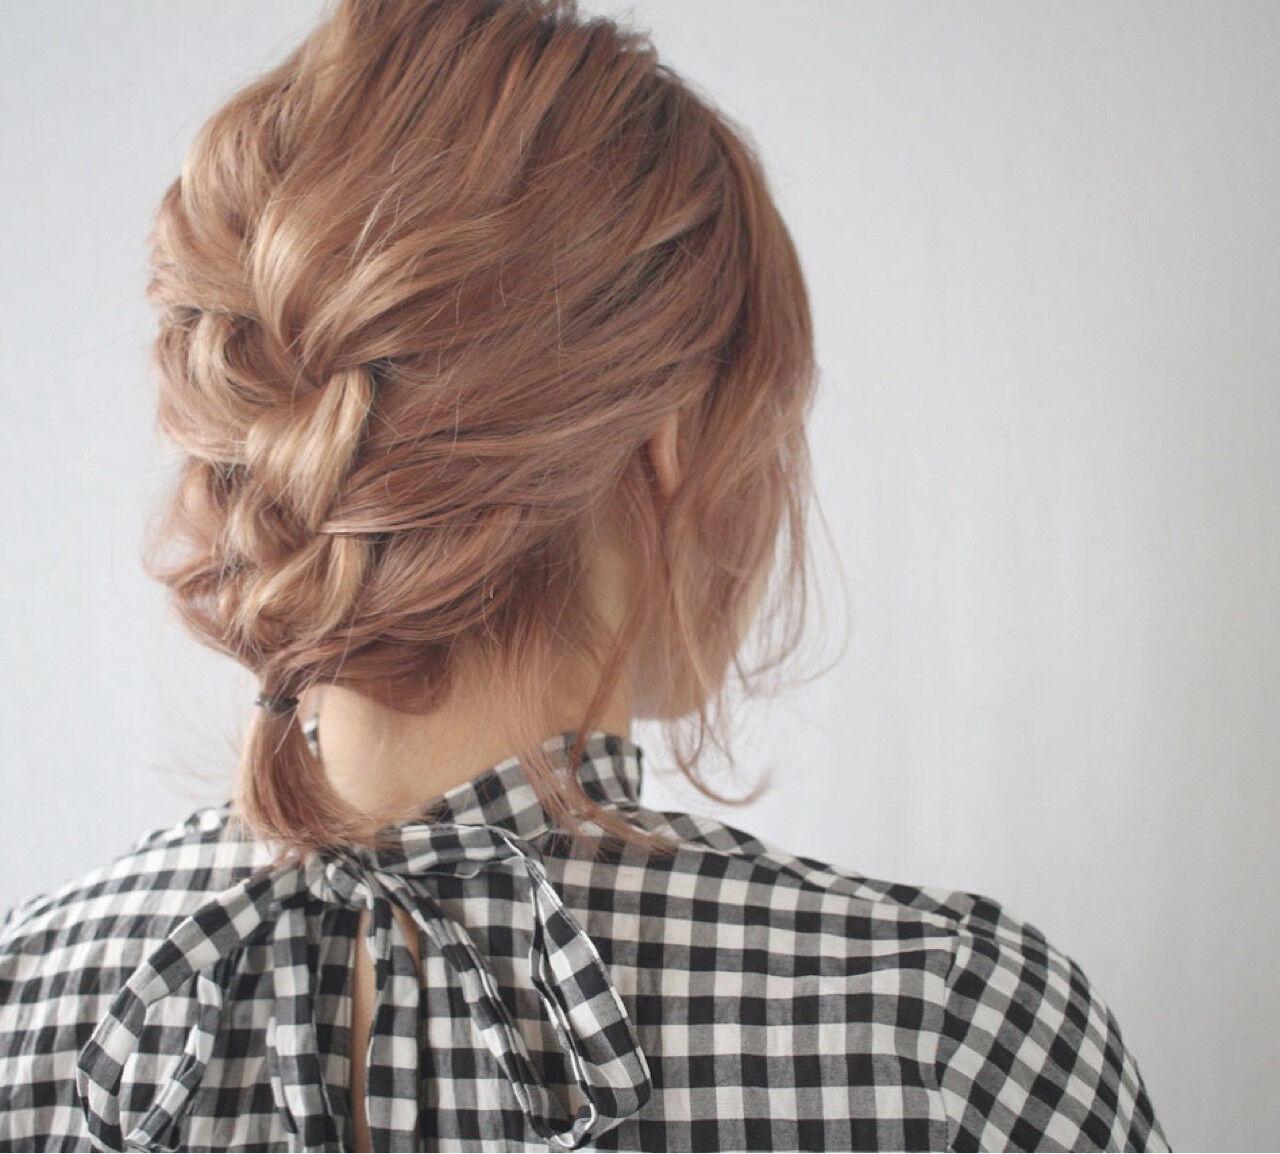 ヘアアレンジ 簡単ヘアアレンジ 編み込み ガーリーヘアスタイルや髪型の写真・画像